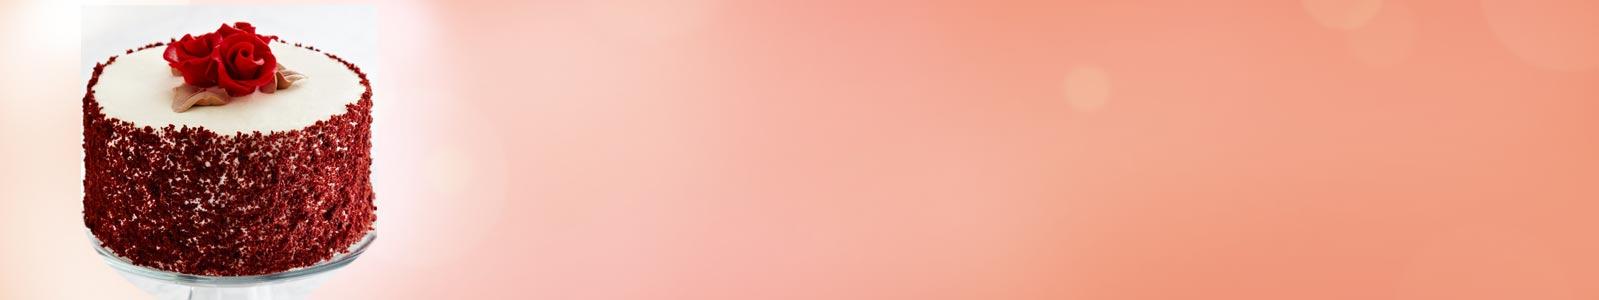 Order Red Velvet Cakes Online